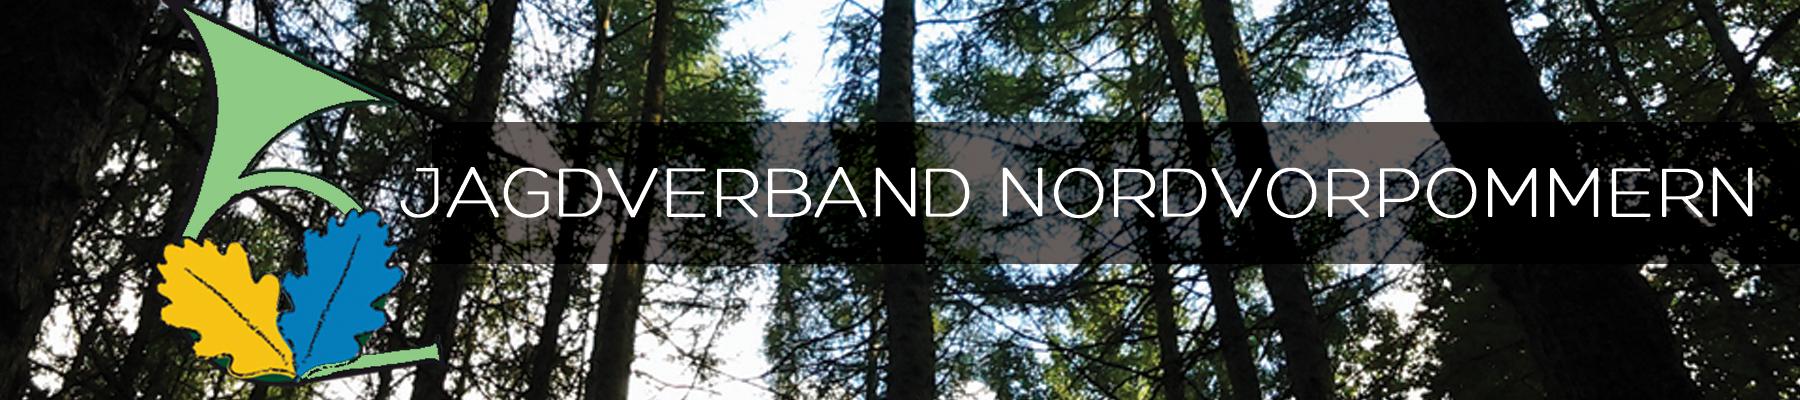 Jagdverband Nordvorpommern